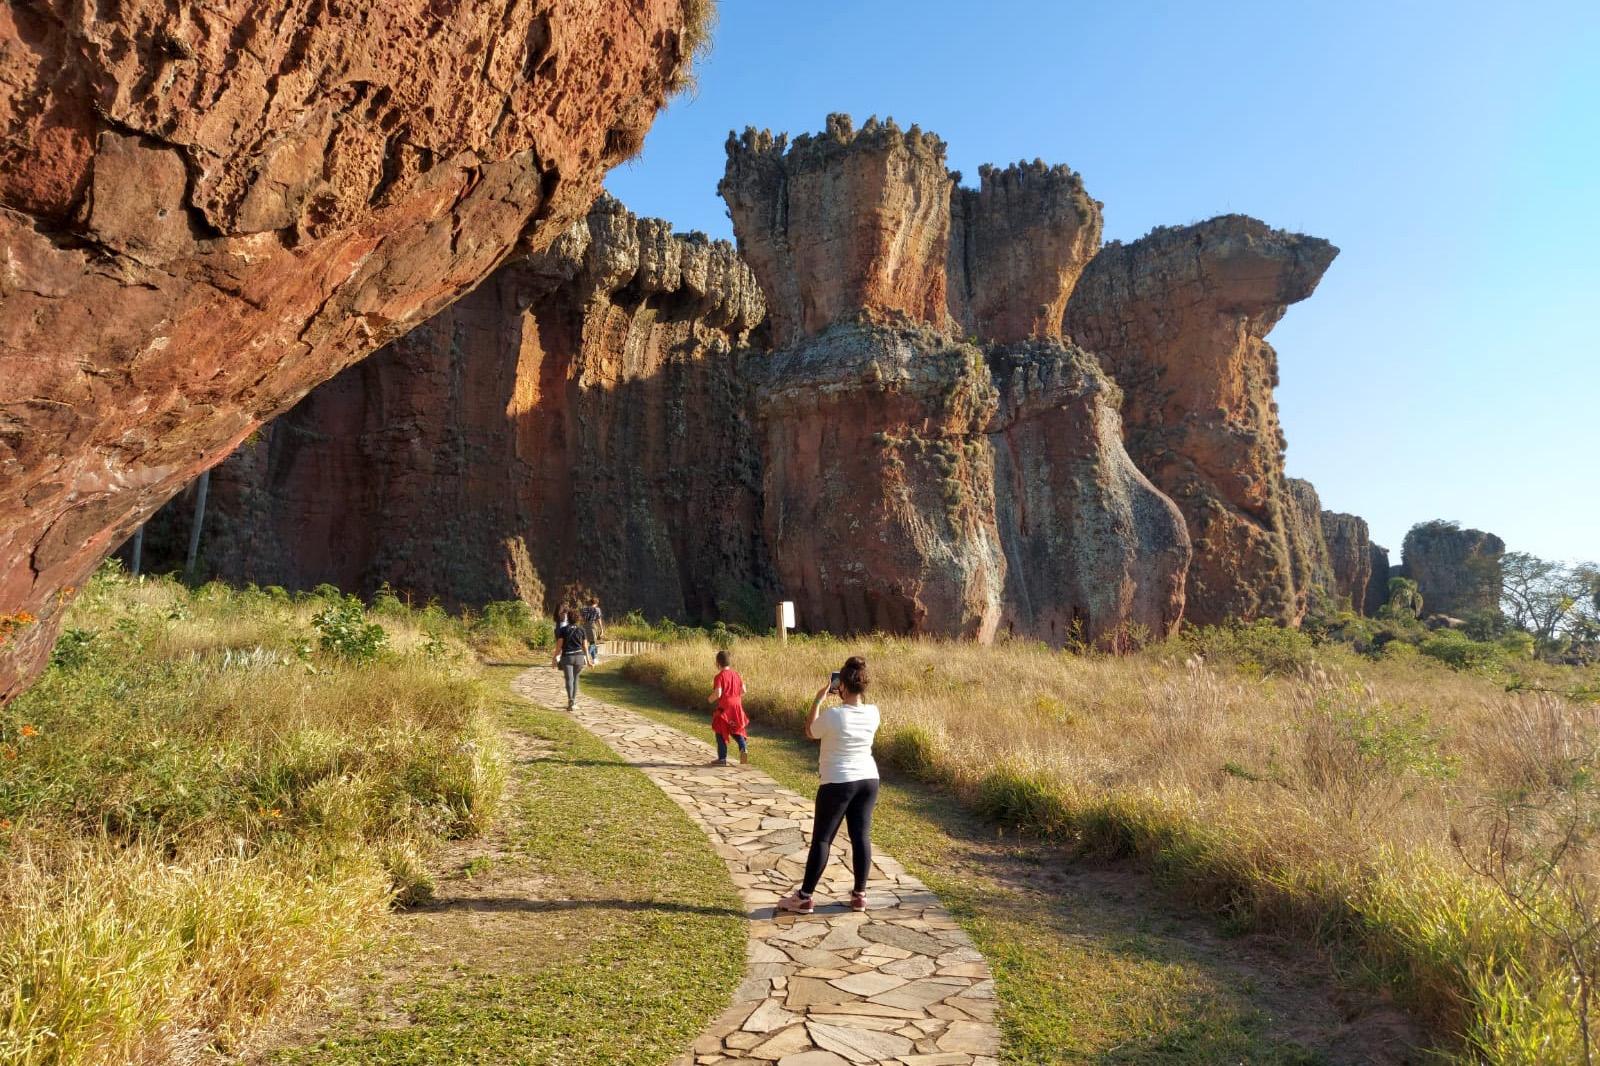 Marca do turismo paranaense, Vila Velha recebeu mais de 57 mil visitantes após reabertura